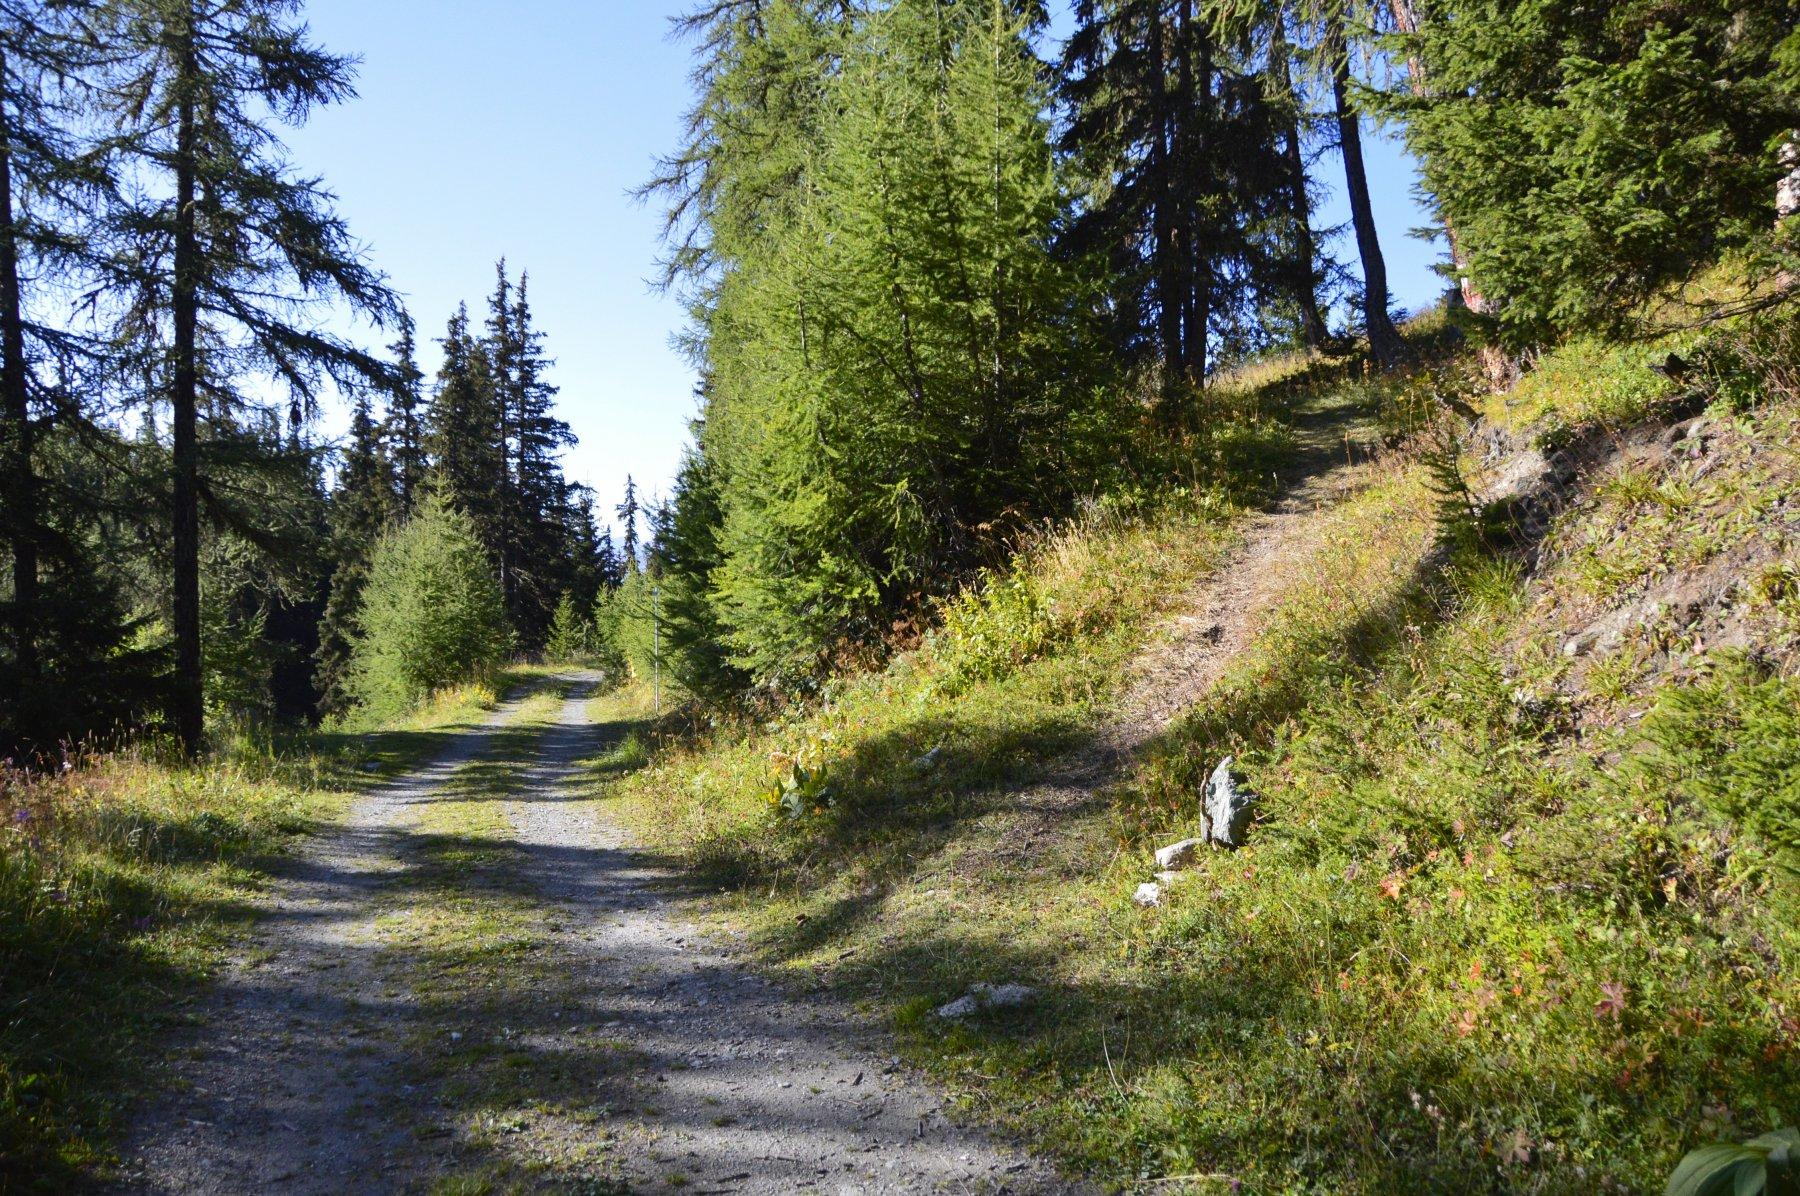 Prendere a destra nel bosco